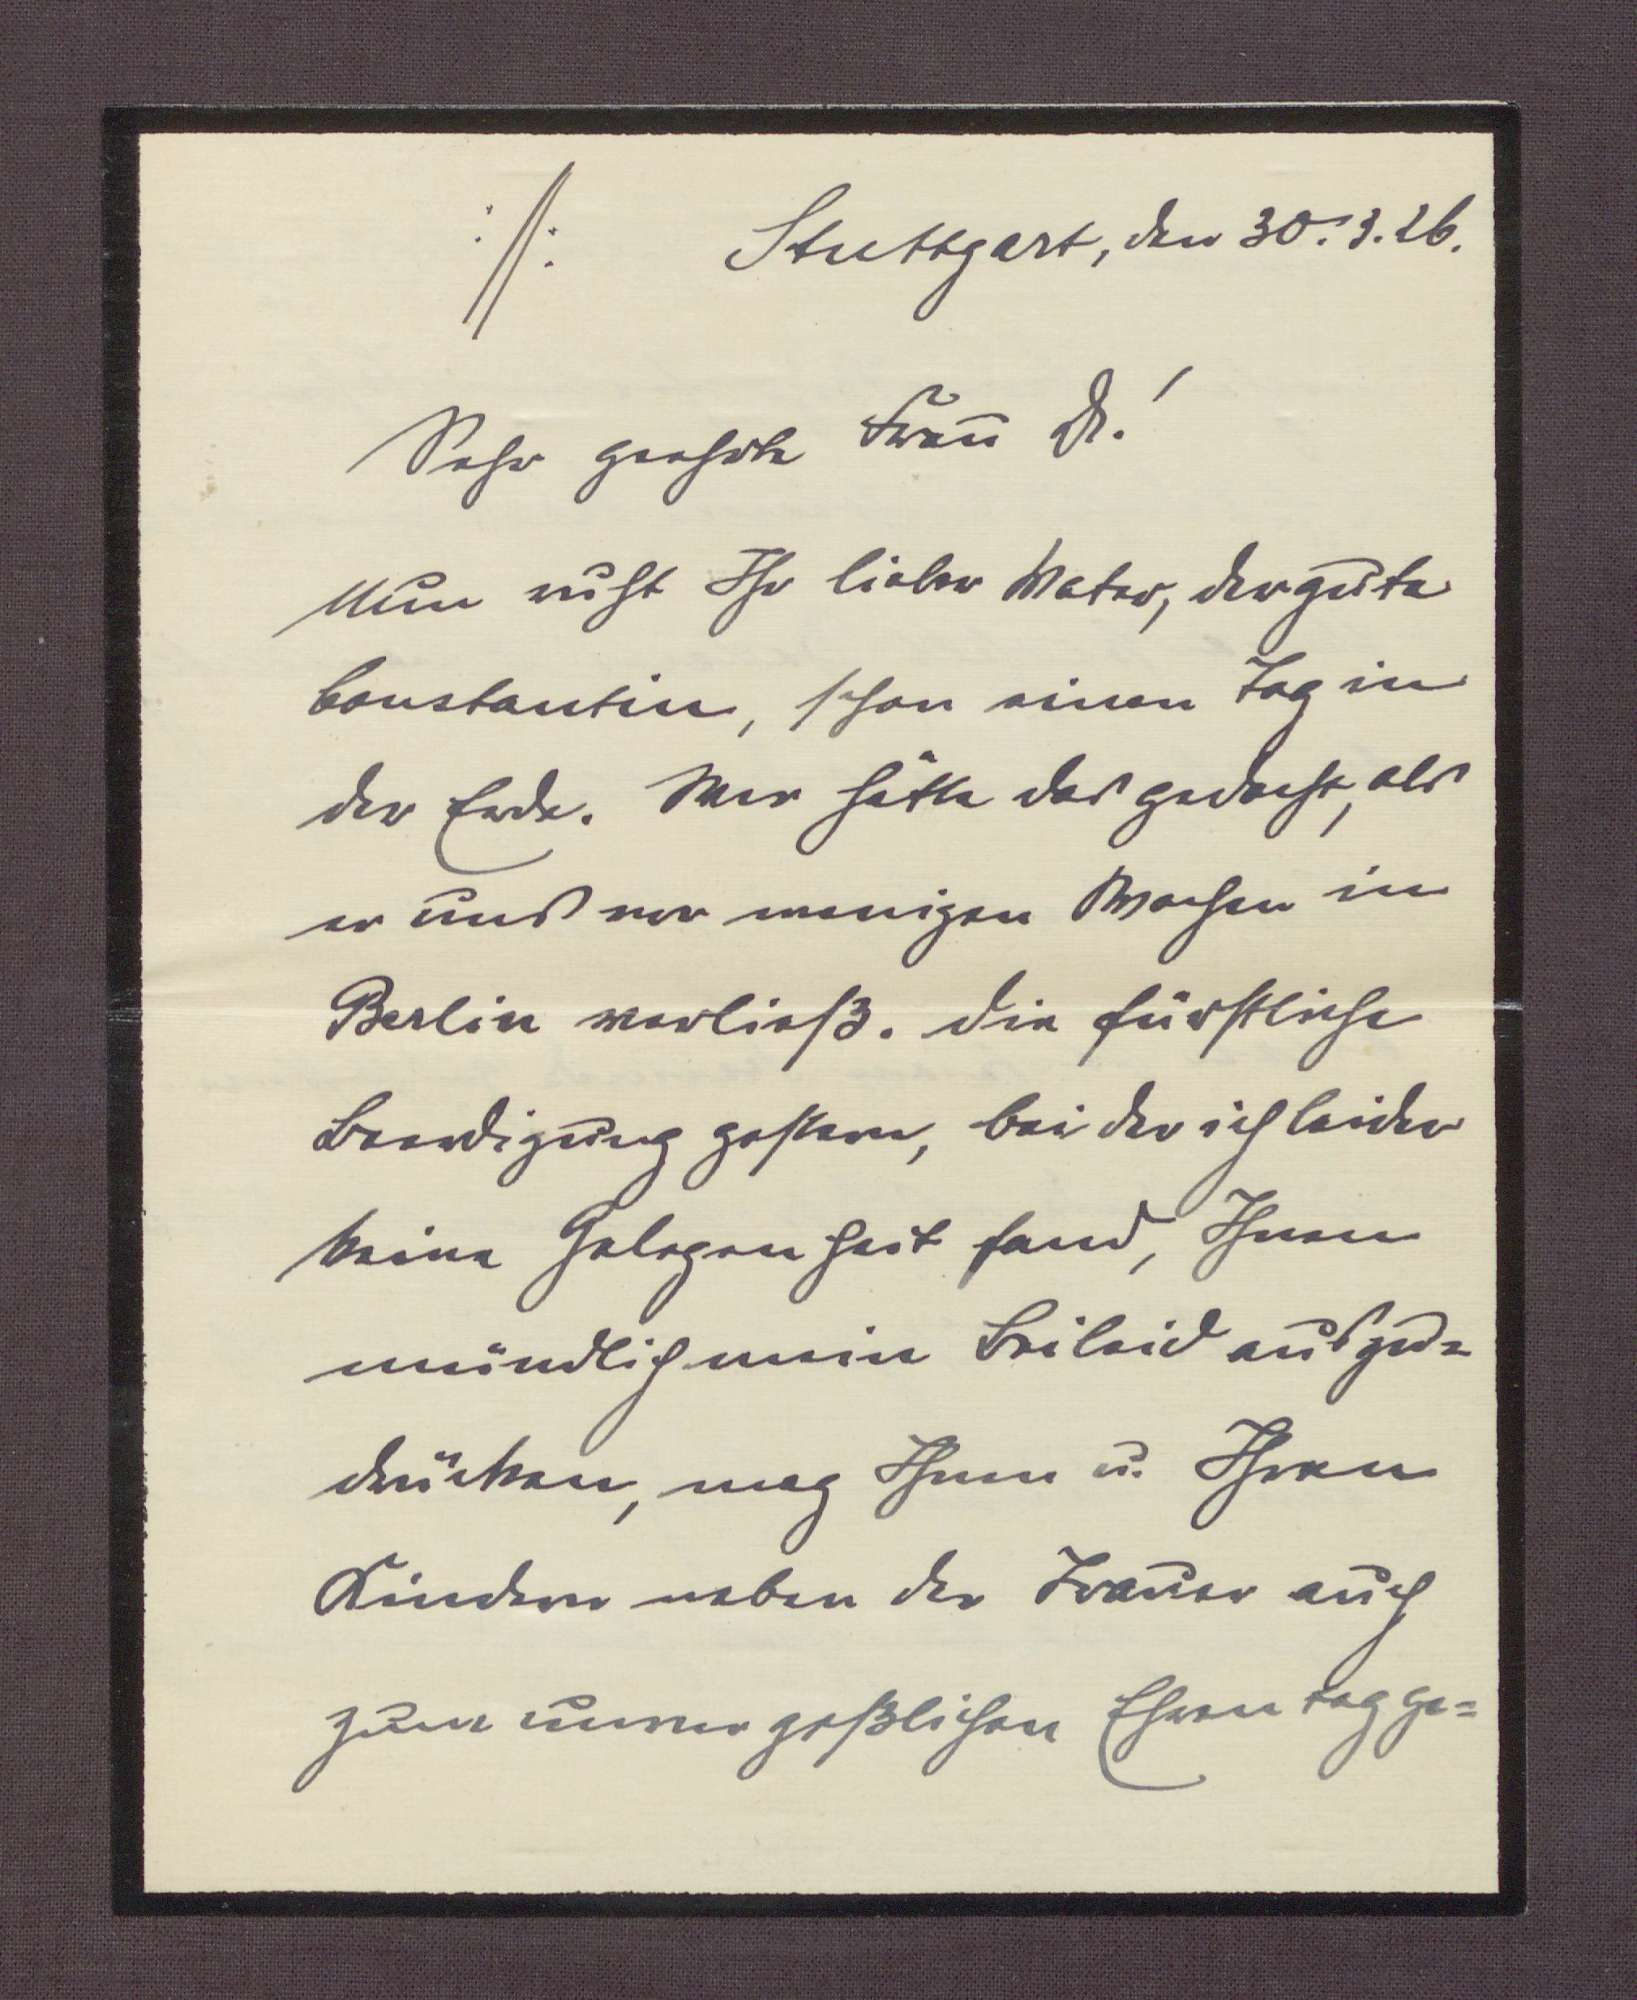 Schreiben von Eugen Bolz an Elisabeth Rosset, Kondolenzschreiben zum Tod von Constantin Fehrenbach, Bild 3